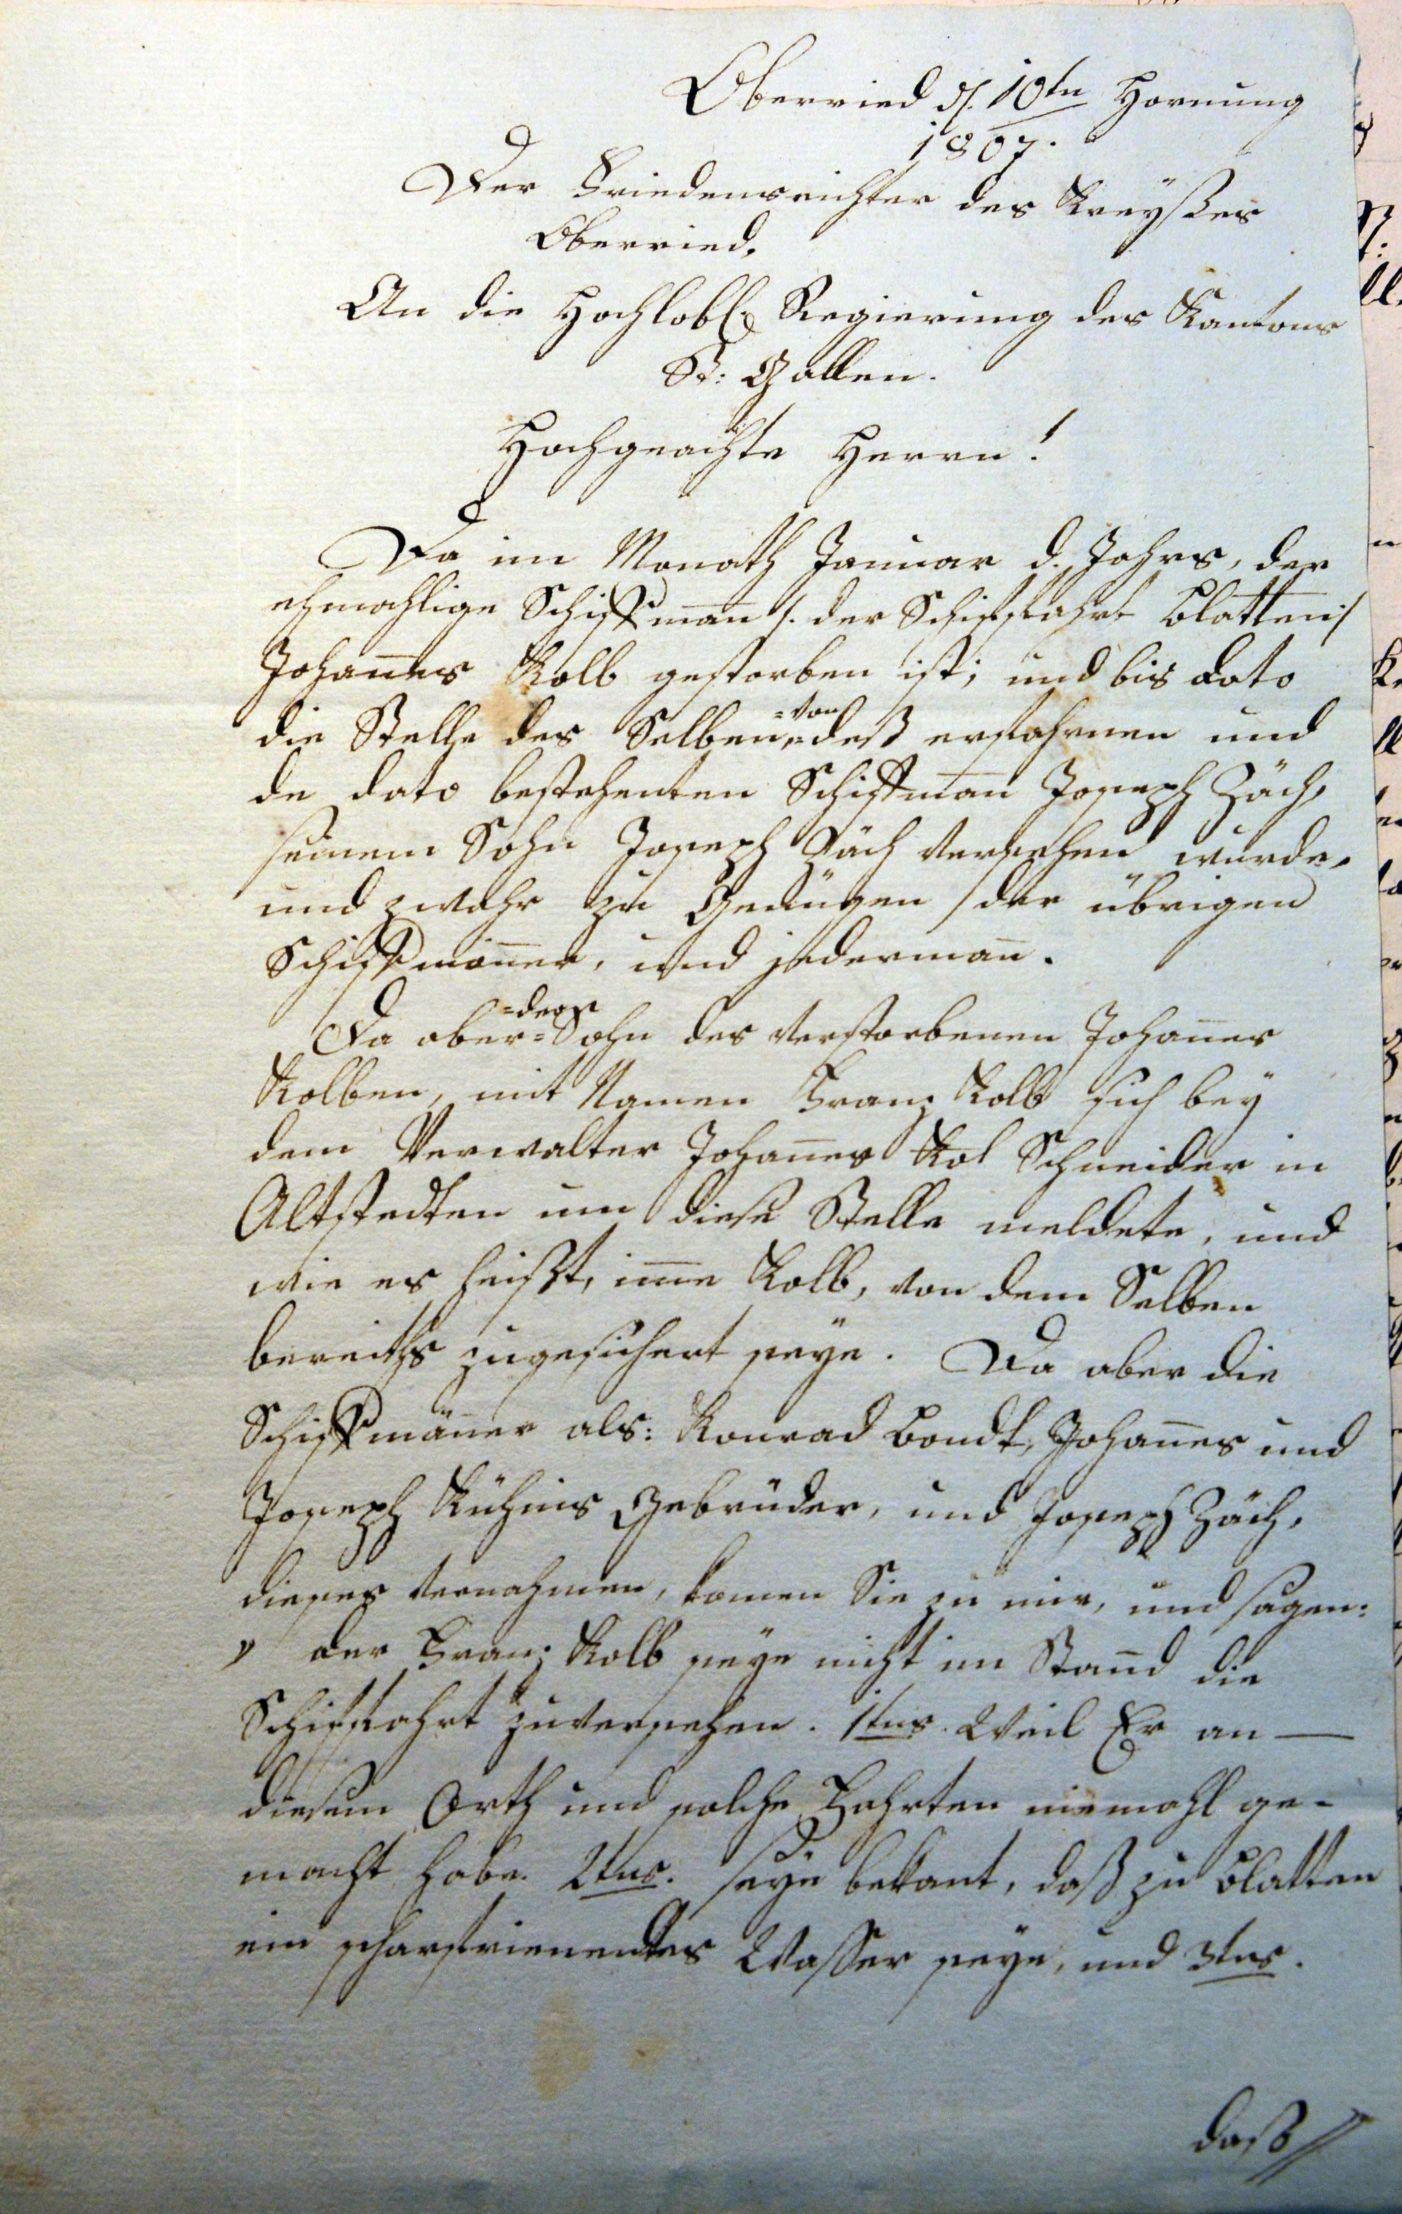 Brief an die Regierung St. Gallen betreffs Schifffahrt in Blatten (1807)